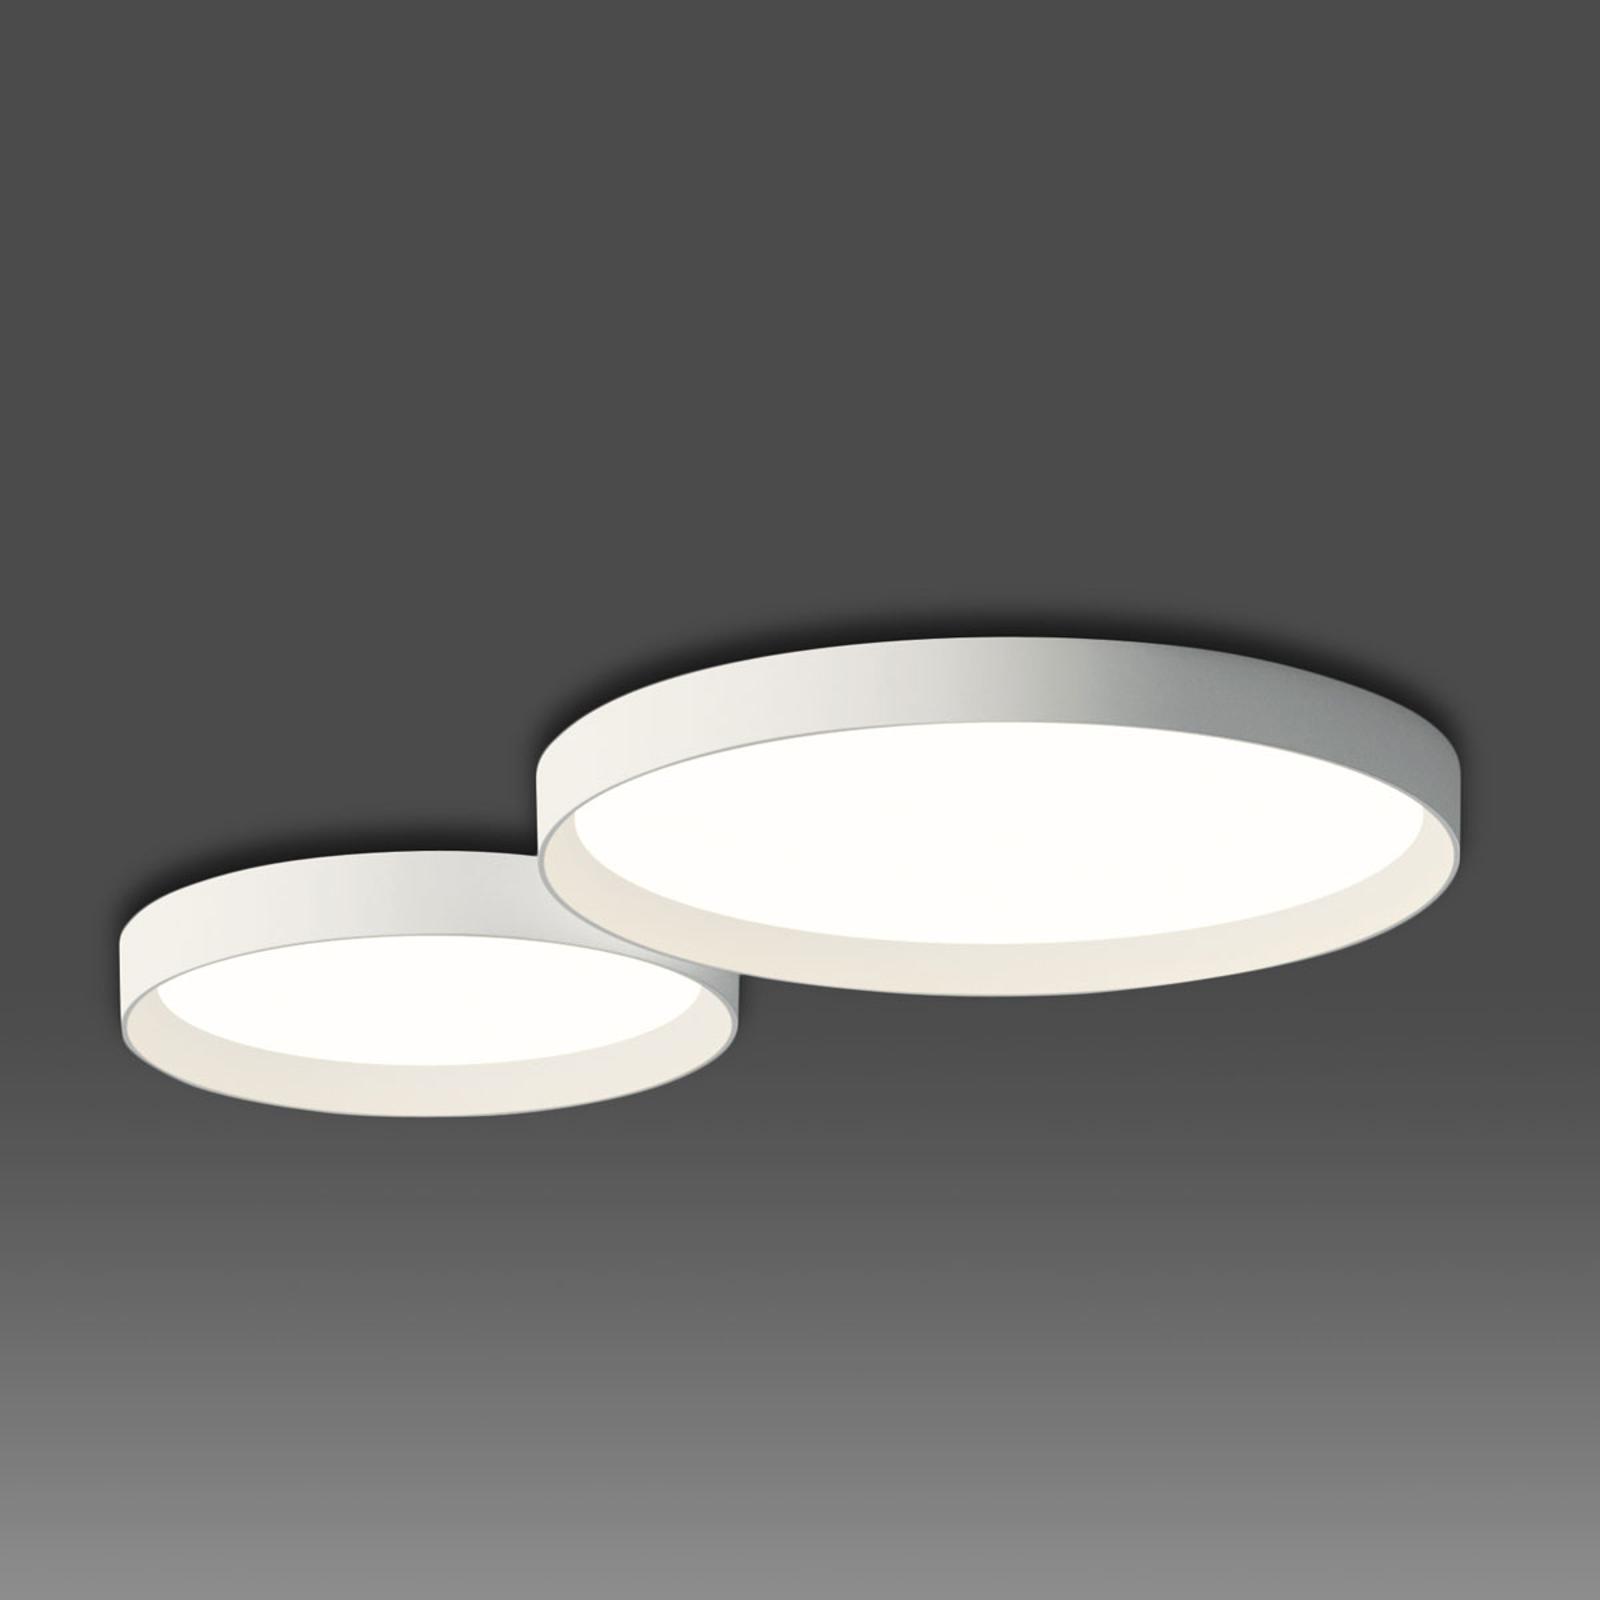 Vibia Up - dezente LED-Deckenleuchte weiß